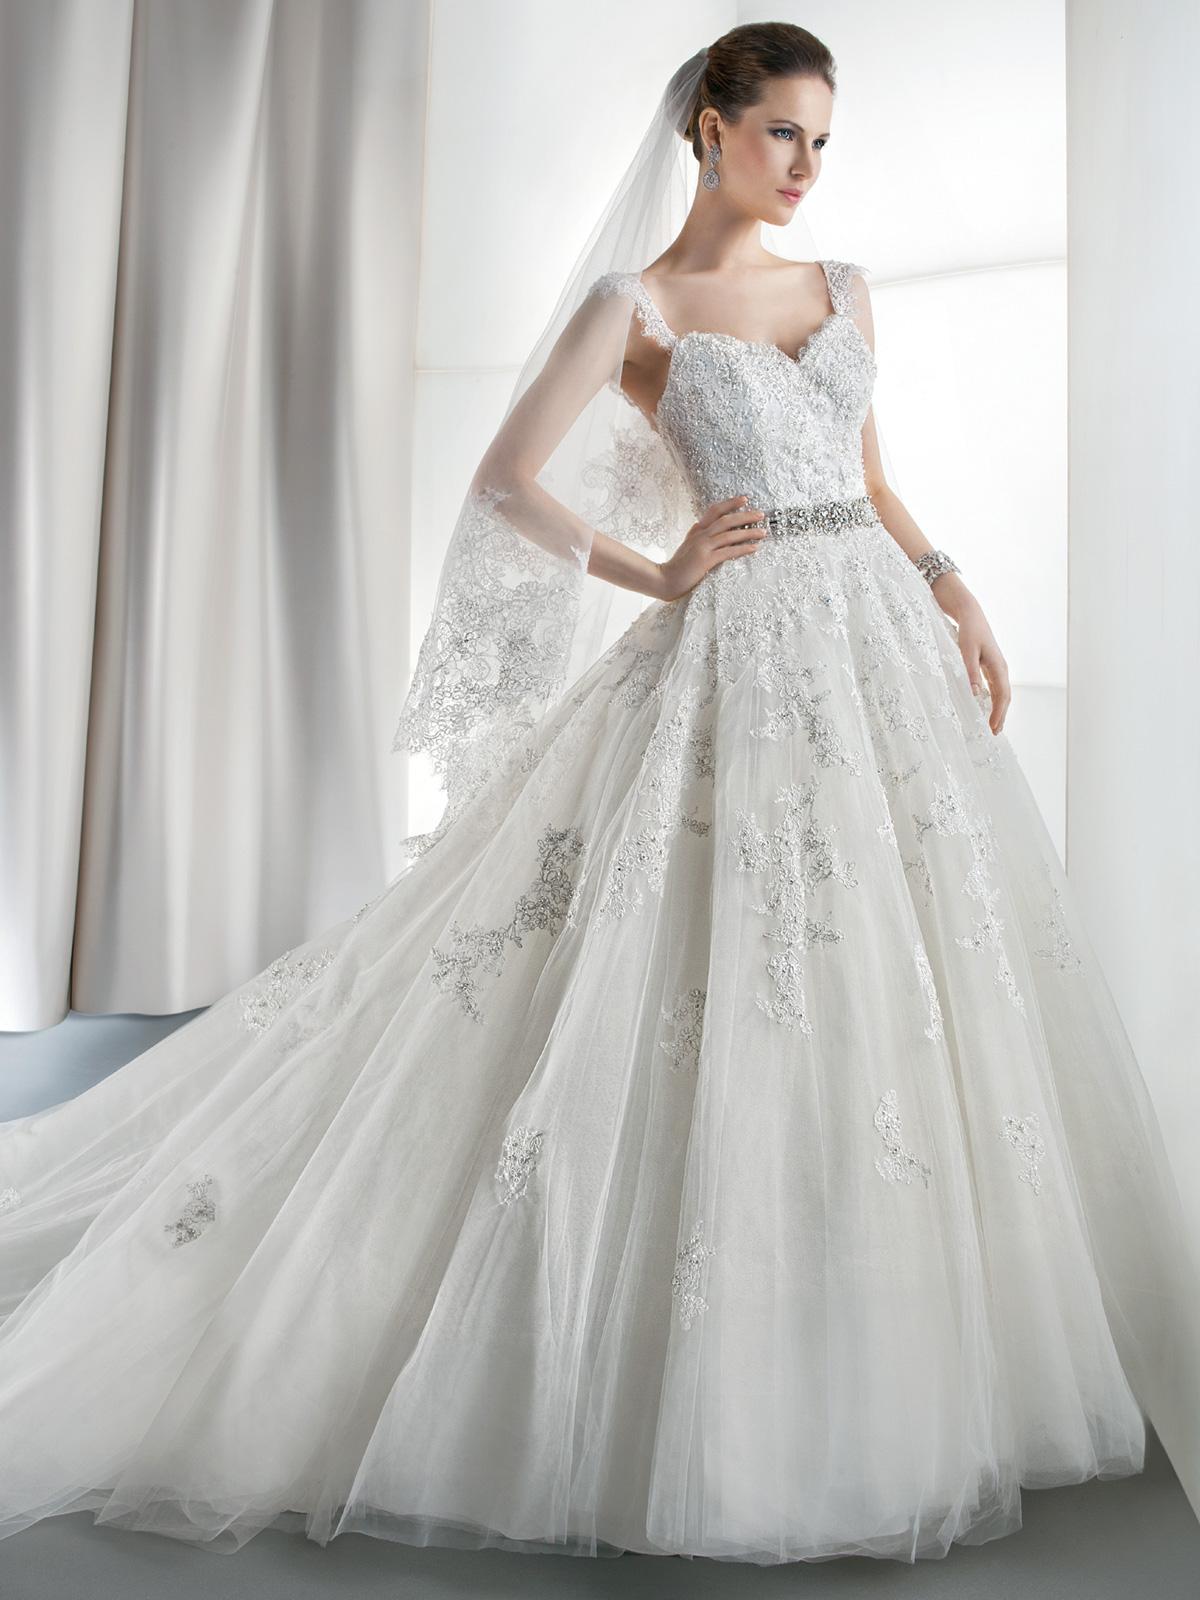 Vestido de Noiva tradicional com linda aplicação de renda importada em tulle francês. Caimento impecável em estilo romântico e delicado !!